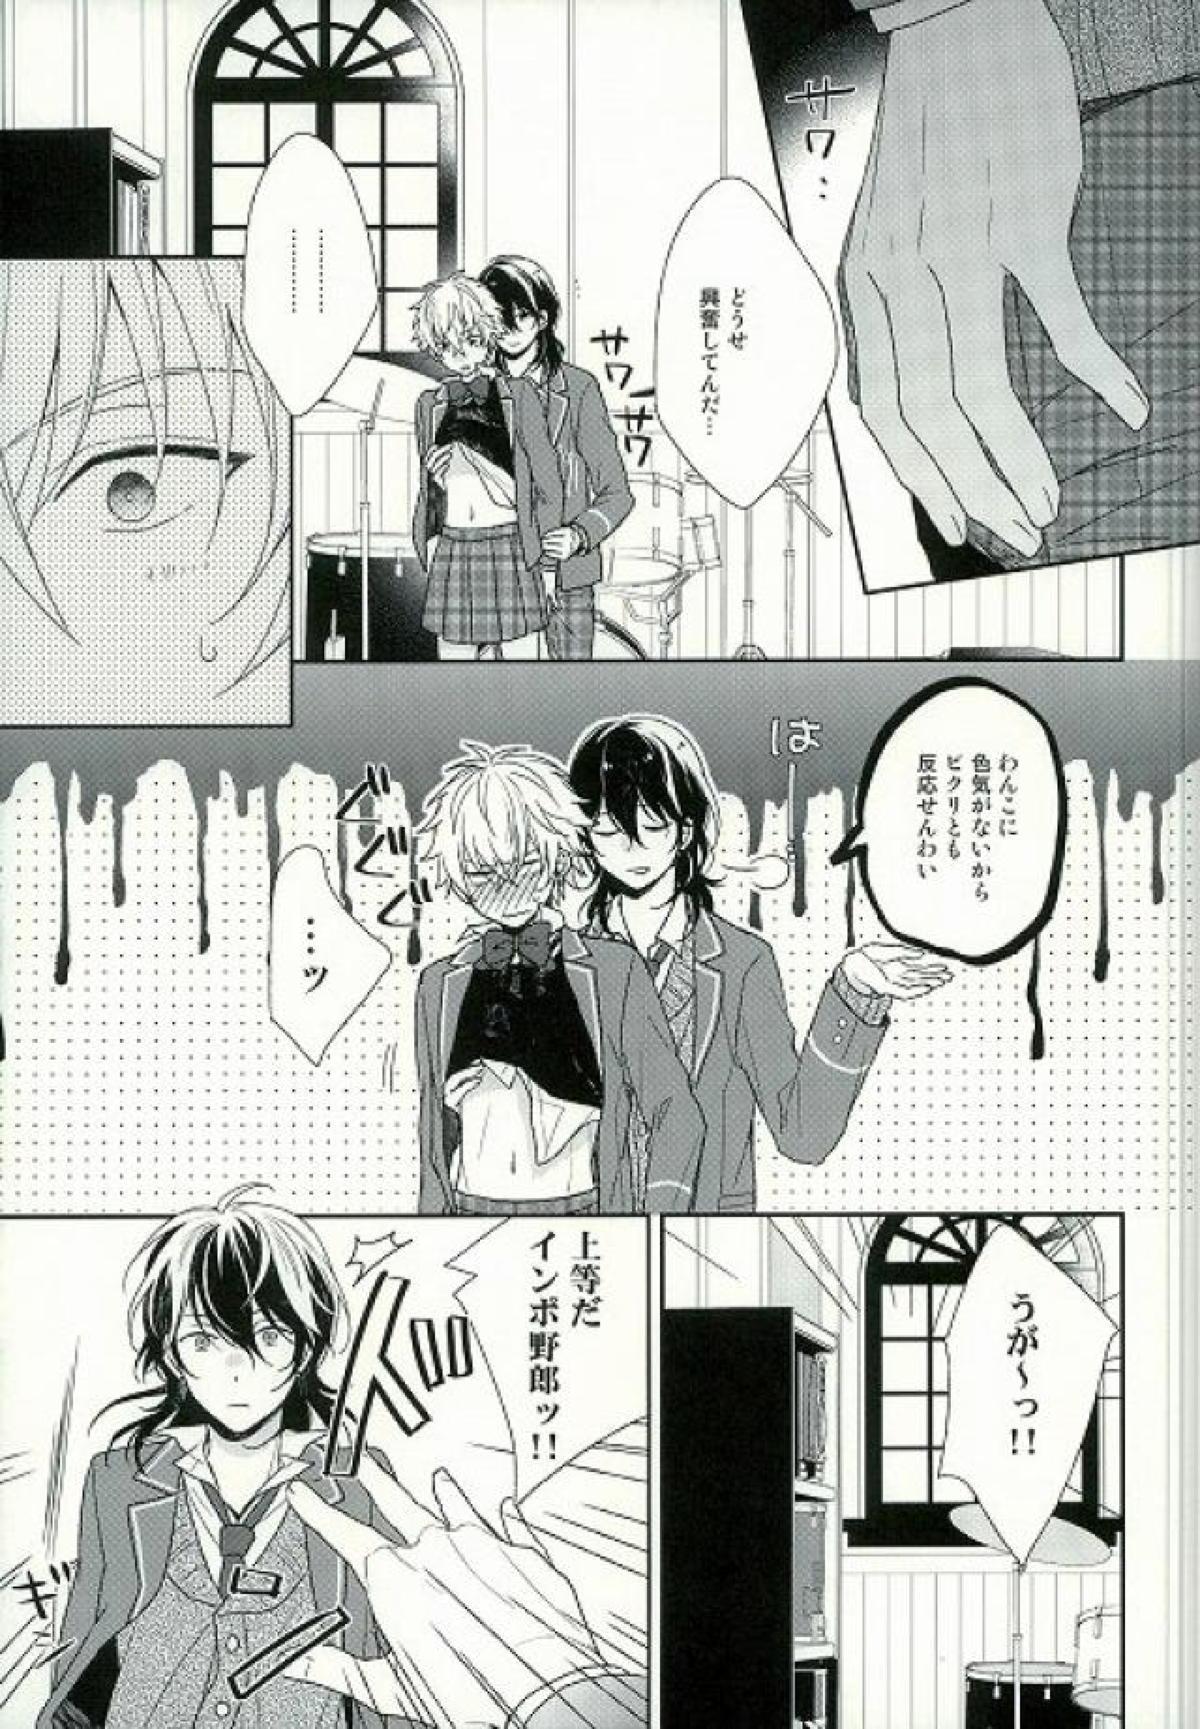 Seifuku Resistance 9